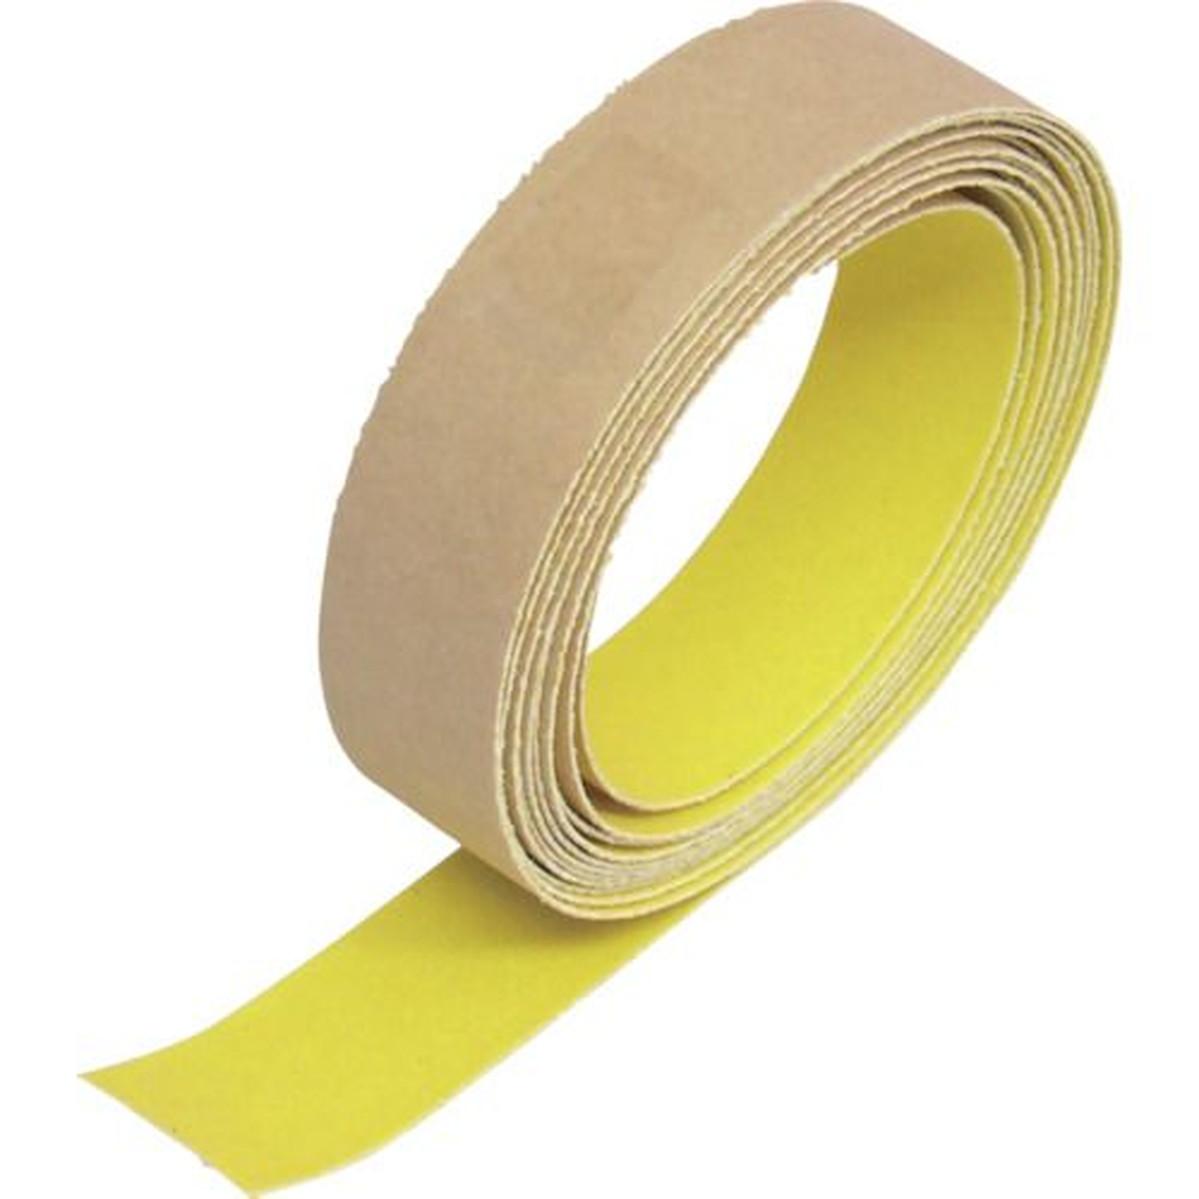 あす楽対応 5%OFF 時間指定不可 DIY用品 TRUSCO 蛍光ノンスリップテープ 25mmX3m 1巻 屋外用 黄